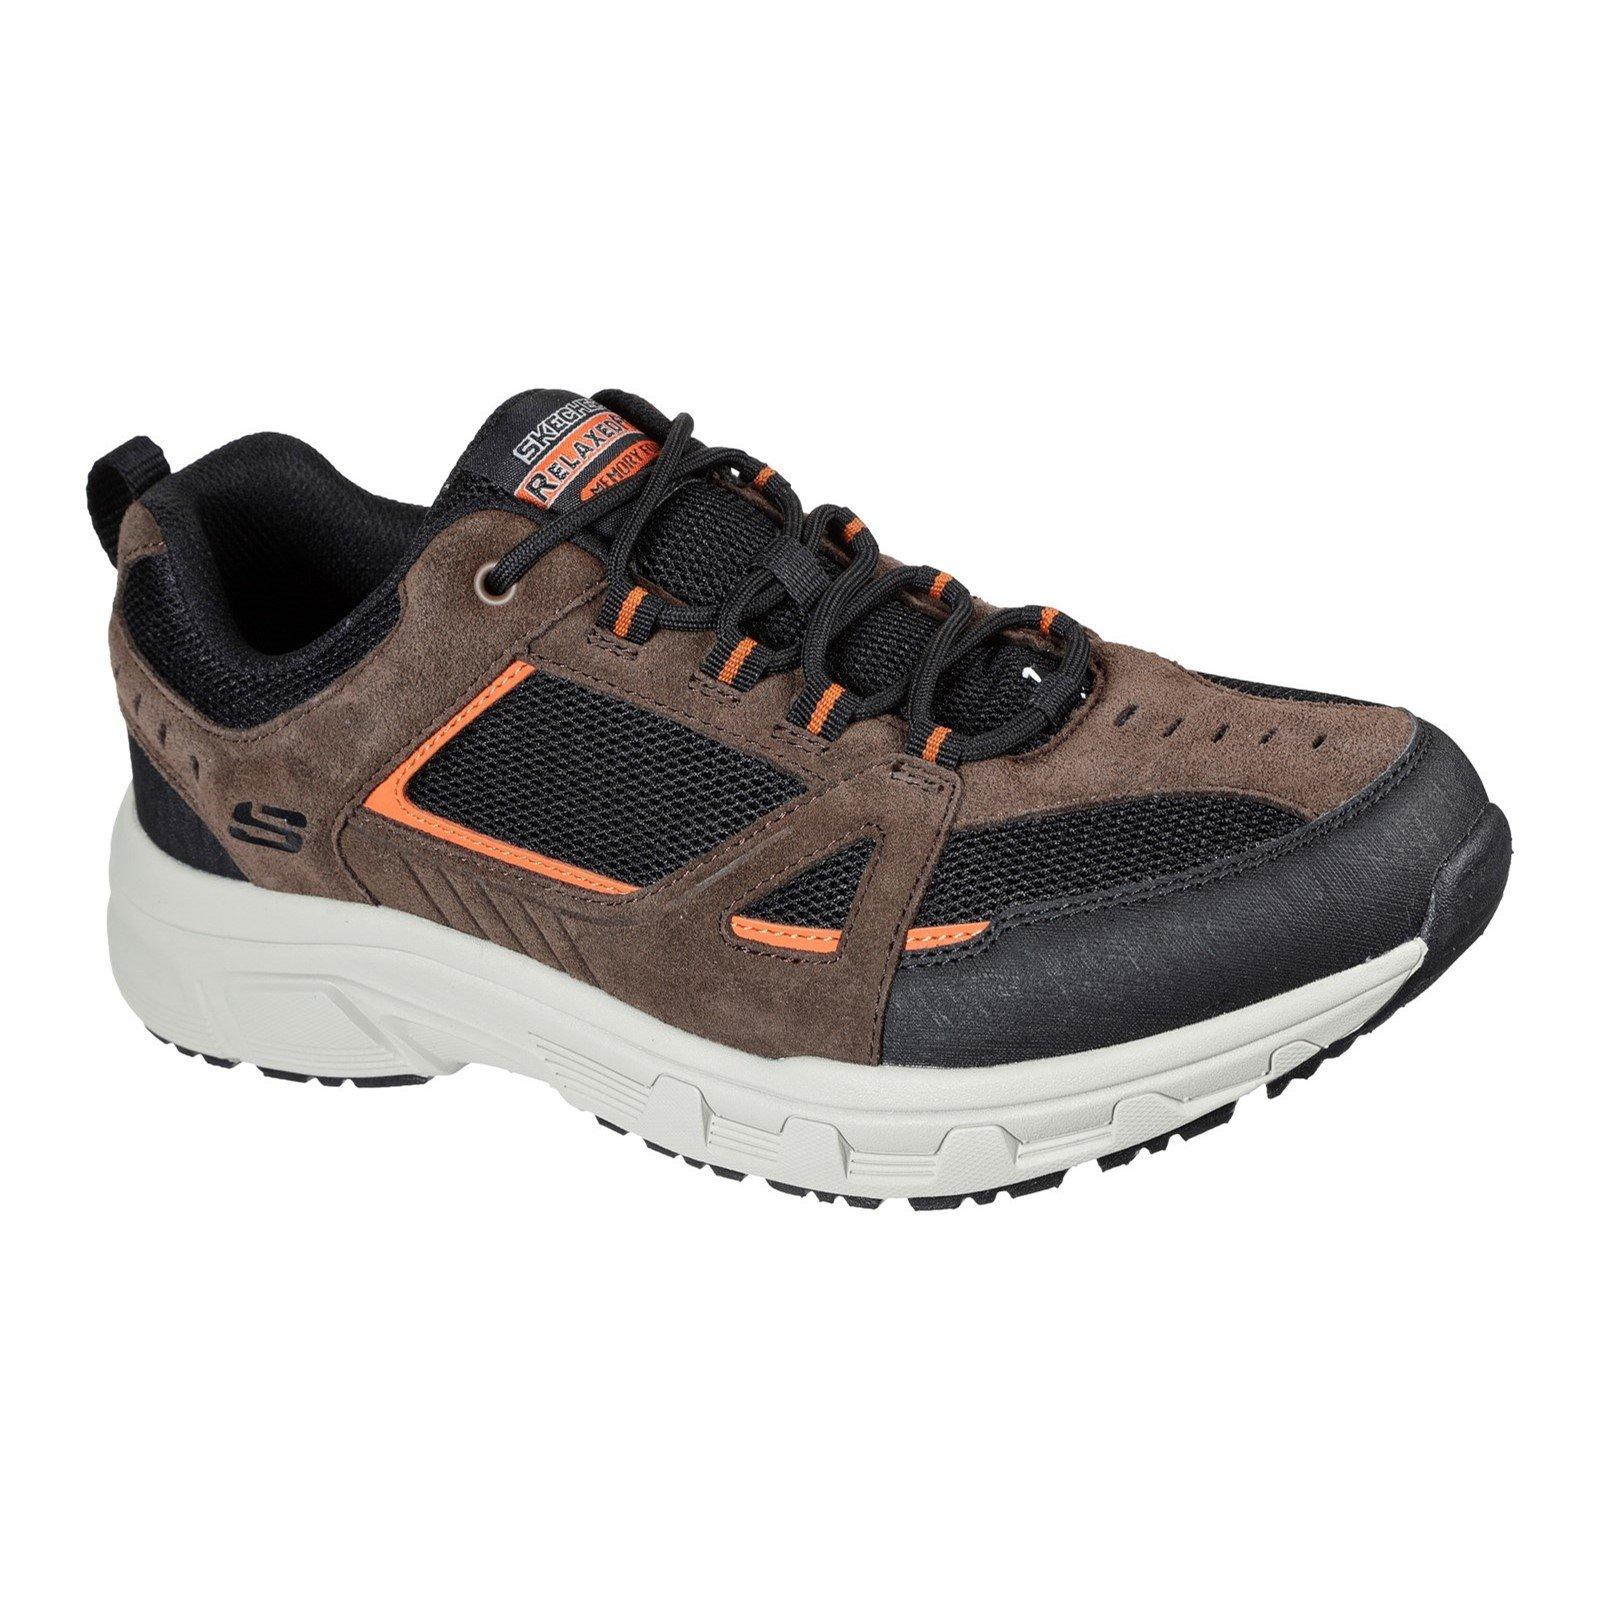 Skechers Men's Oak Canyon Duelist Trainer Various Colours 32187 - Chocolate/Black 12